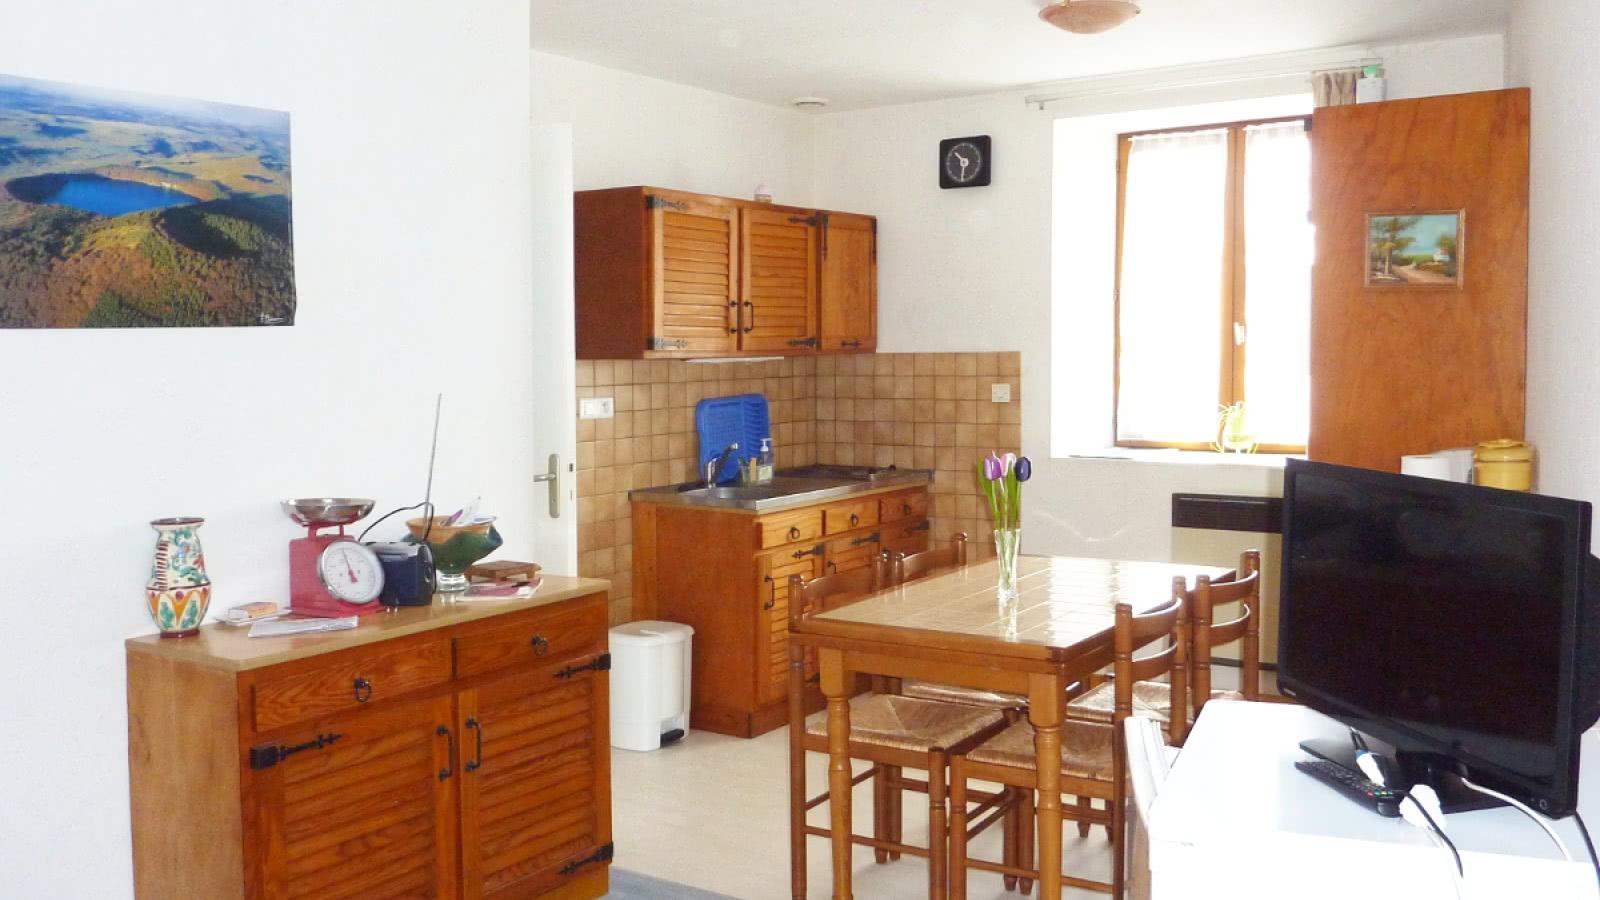 Meubl la bergerie manson clermont auvergne tourisme for Auvergne location maison